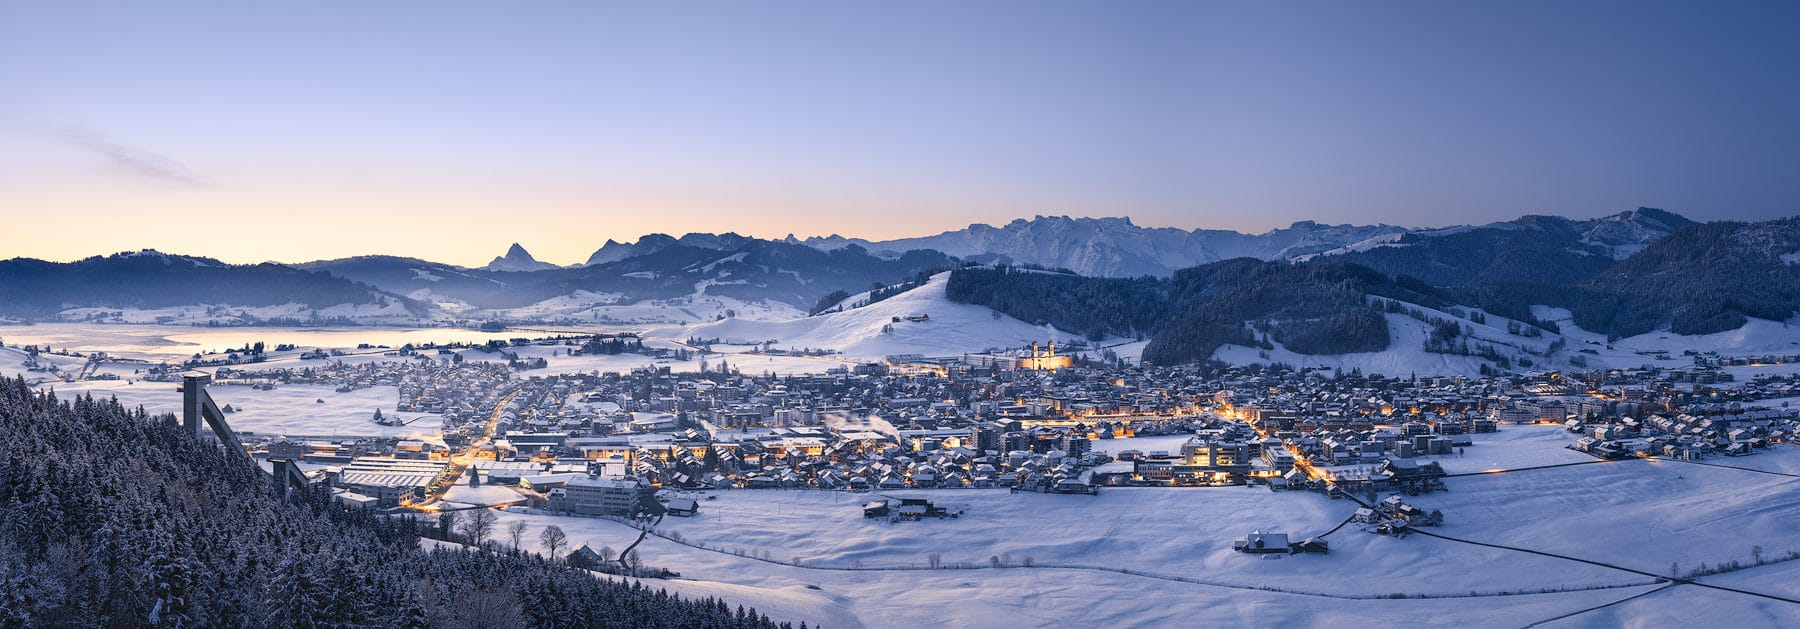 Bezirk Einsiedeln - winterlicher Sonnenaufgang Einsiedeln - Panorama